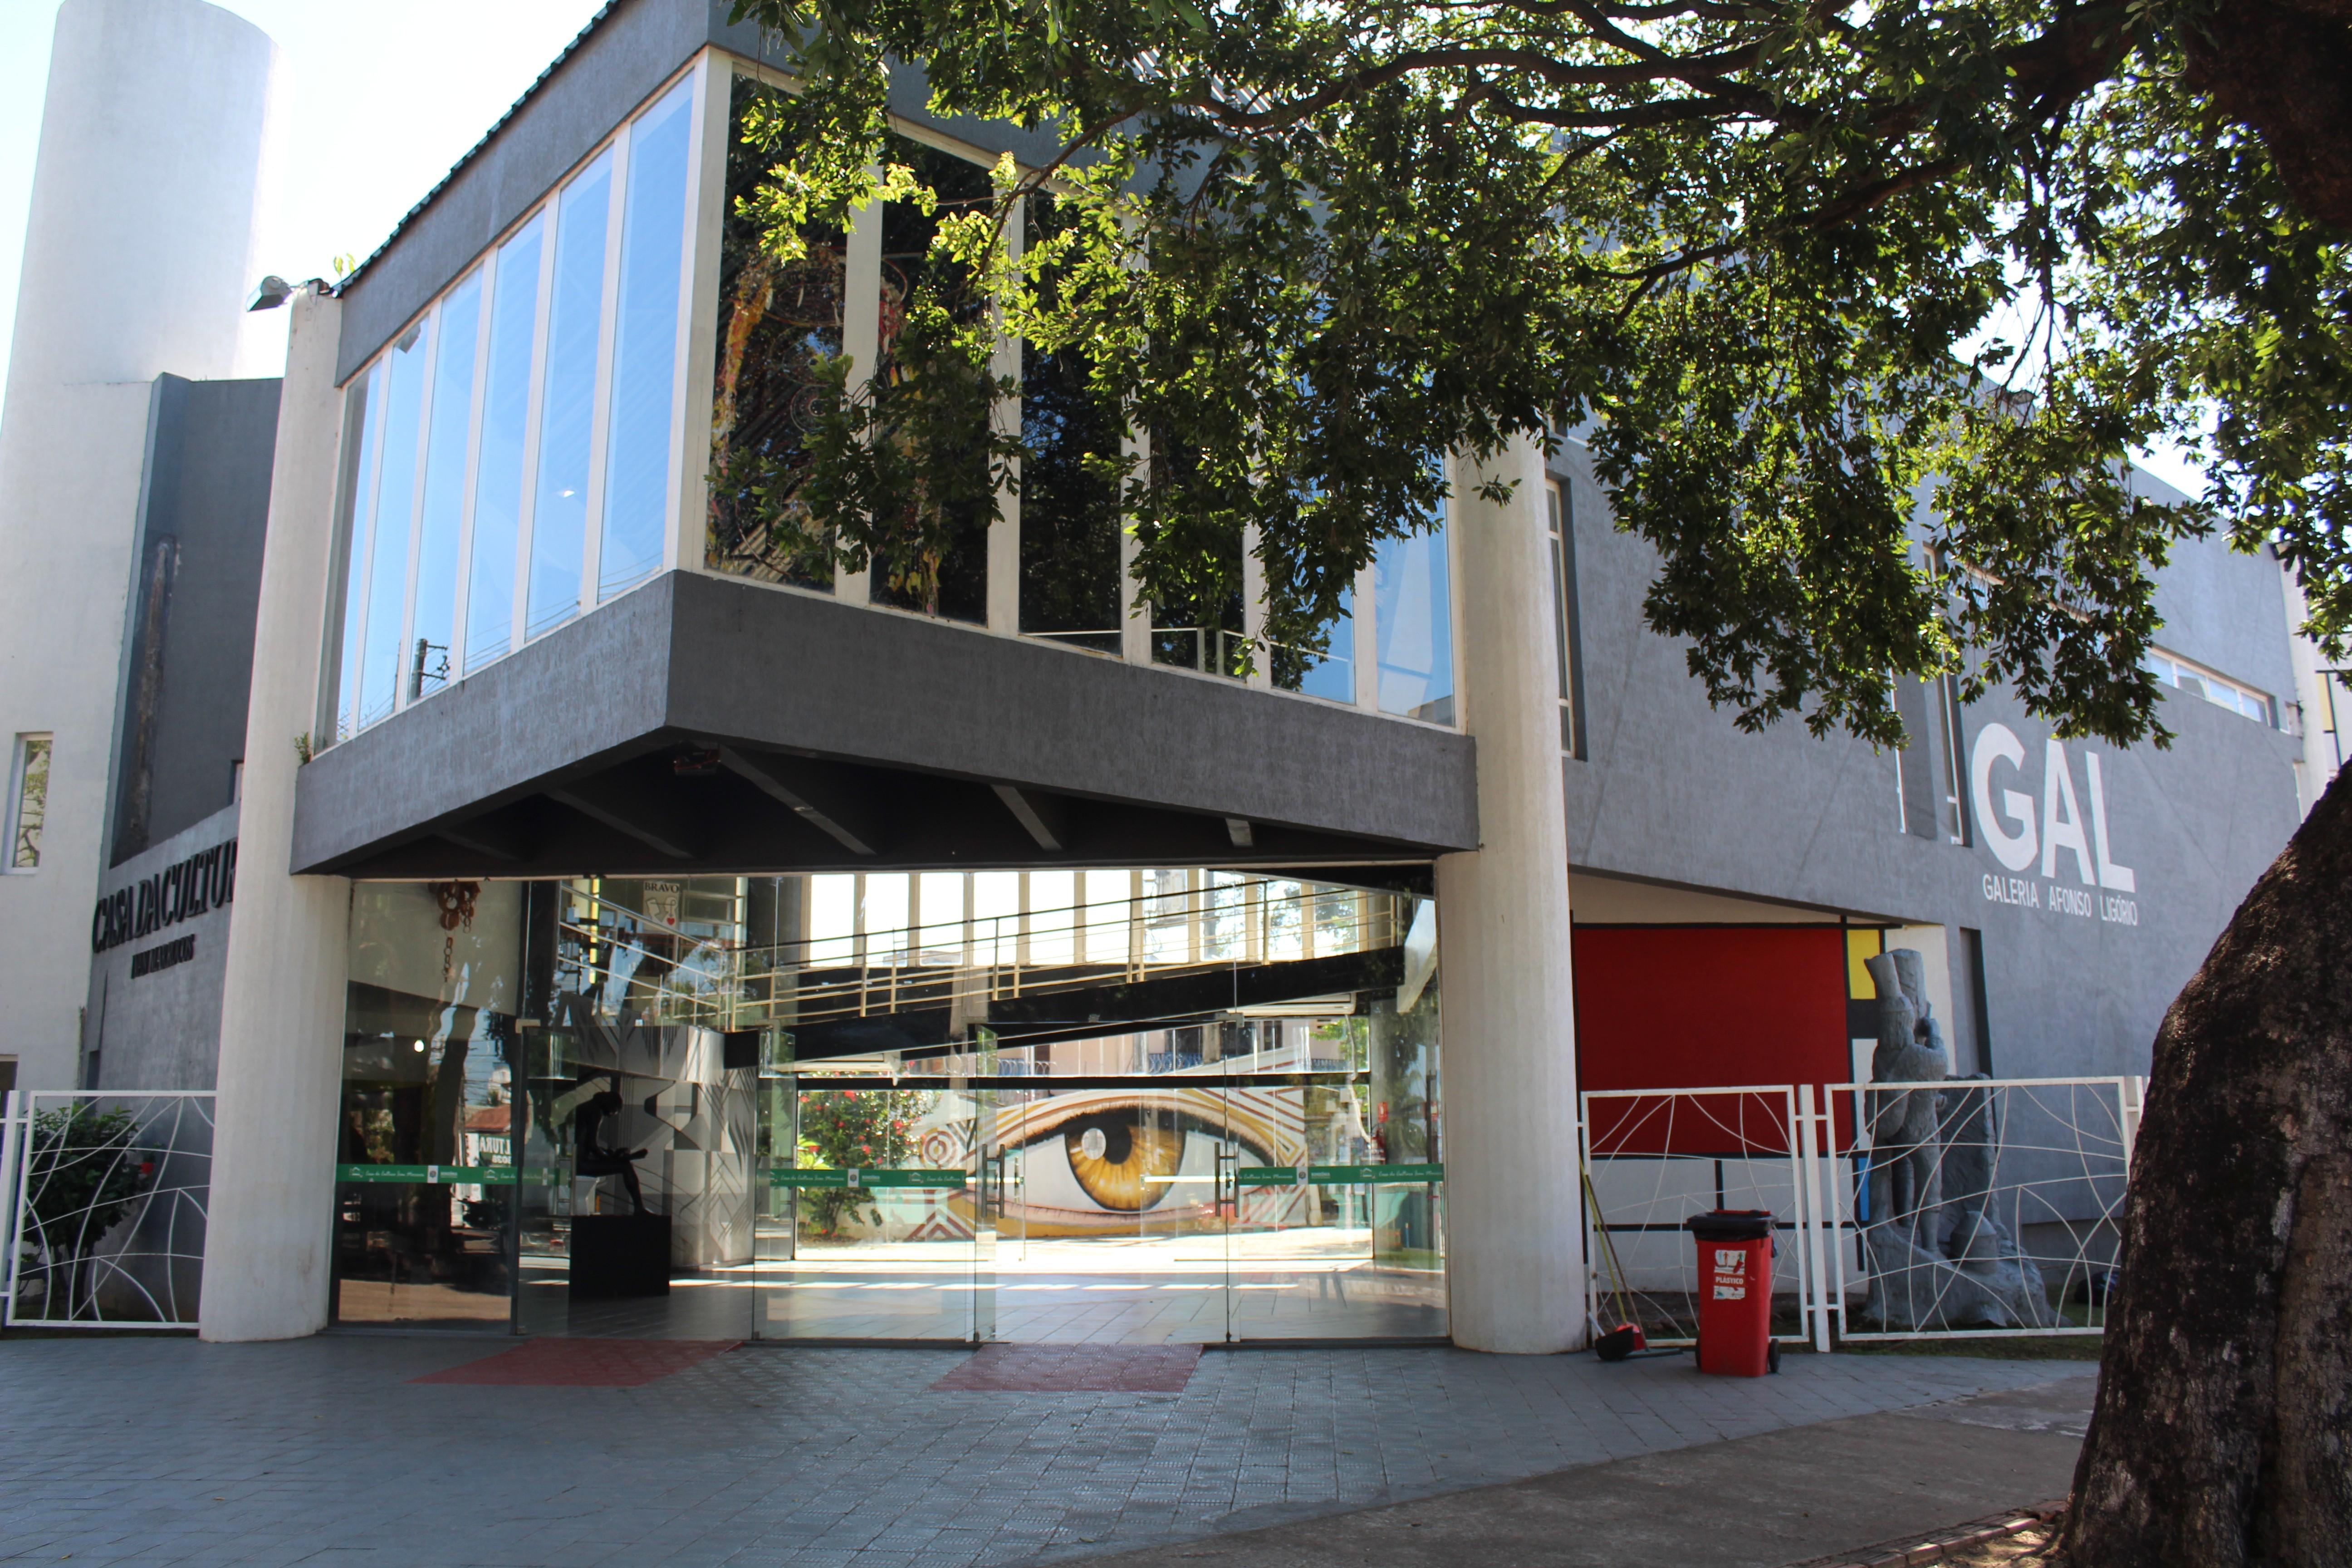 Mostra cultural com espetáculos musicais e exposição de fotos é realizada pelo TJ-RO